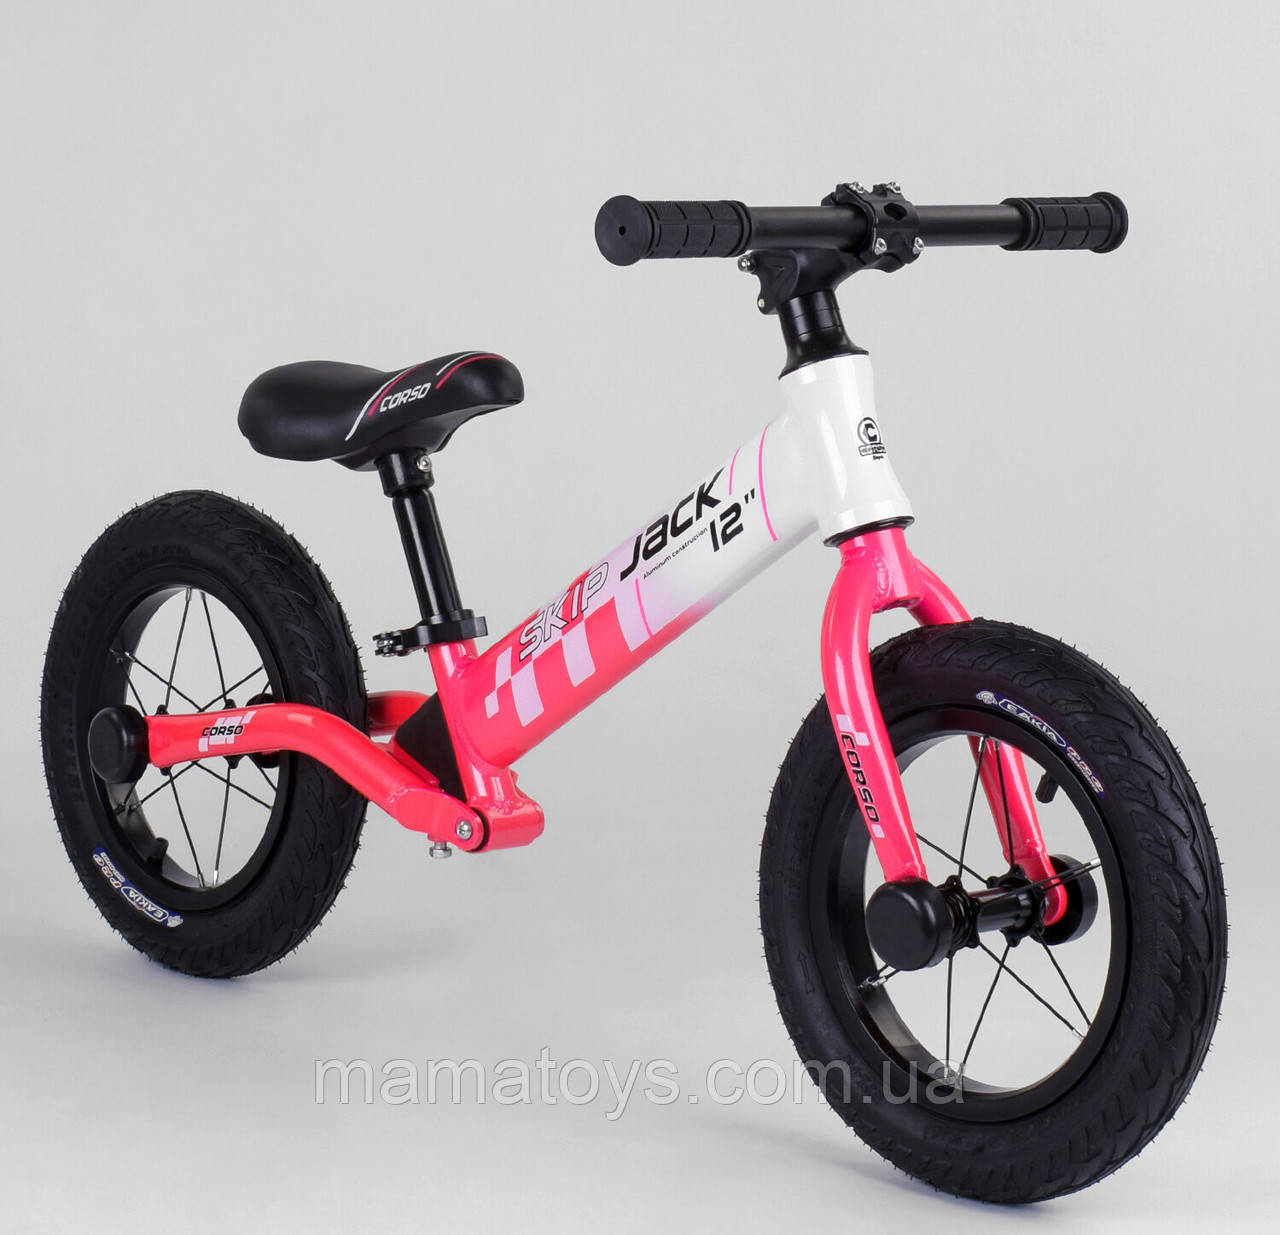 """Велобег 12 """"Corso Skip Jack 25025 Рожевий, Надувні колеса, Алюмніевая рама, Амортизатор"""